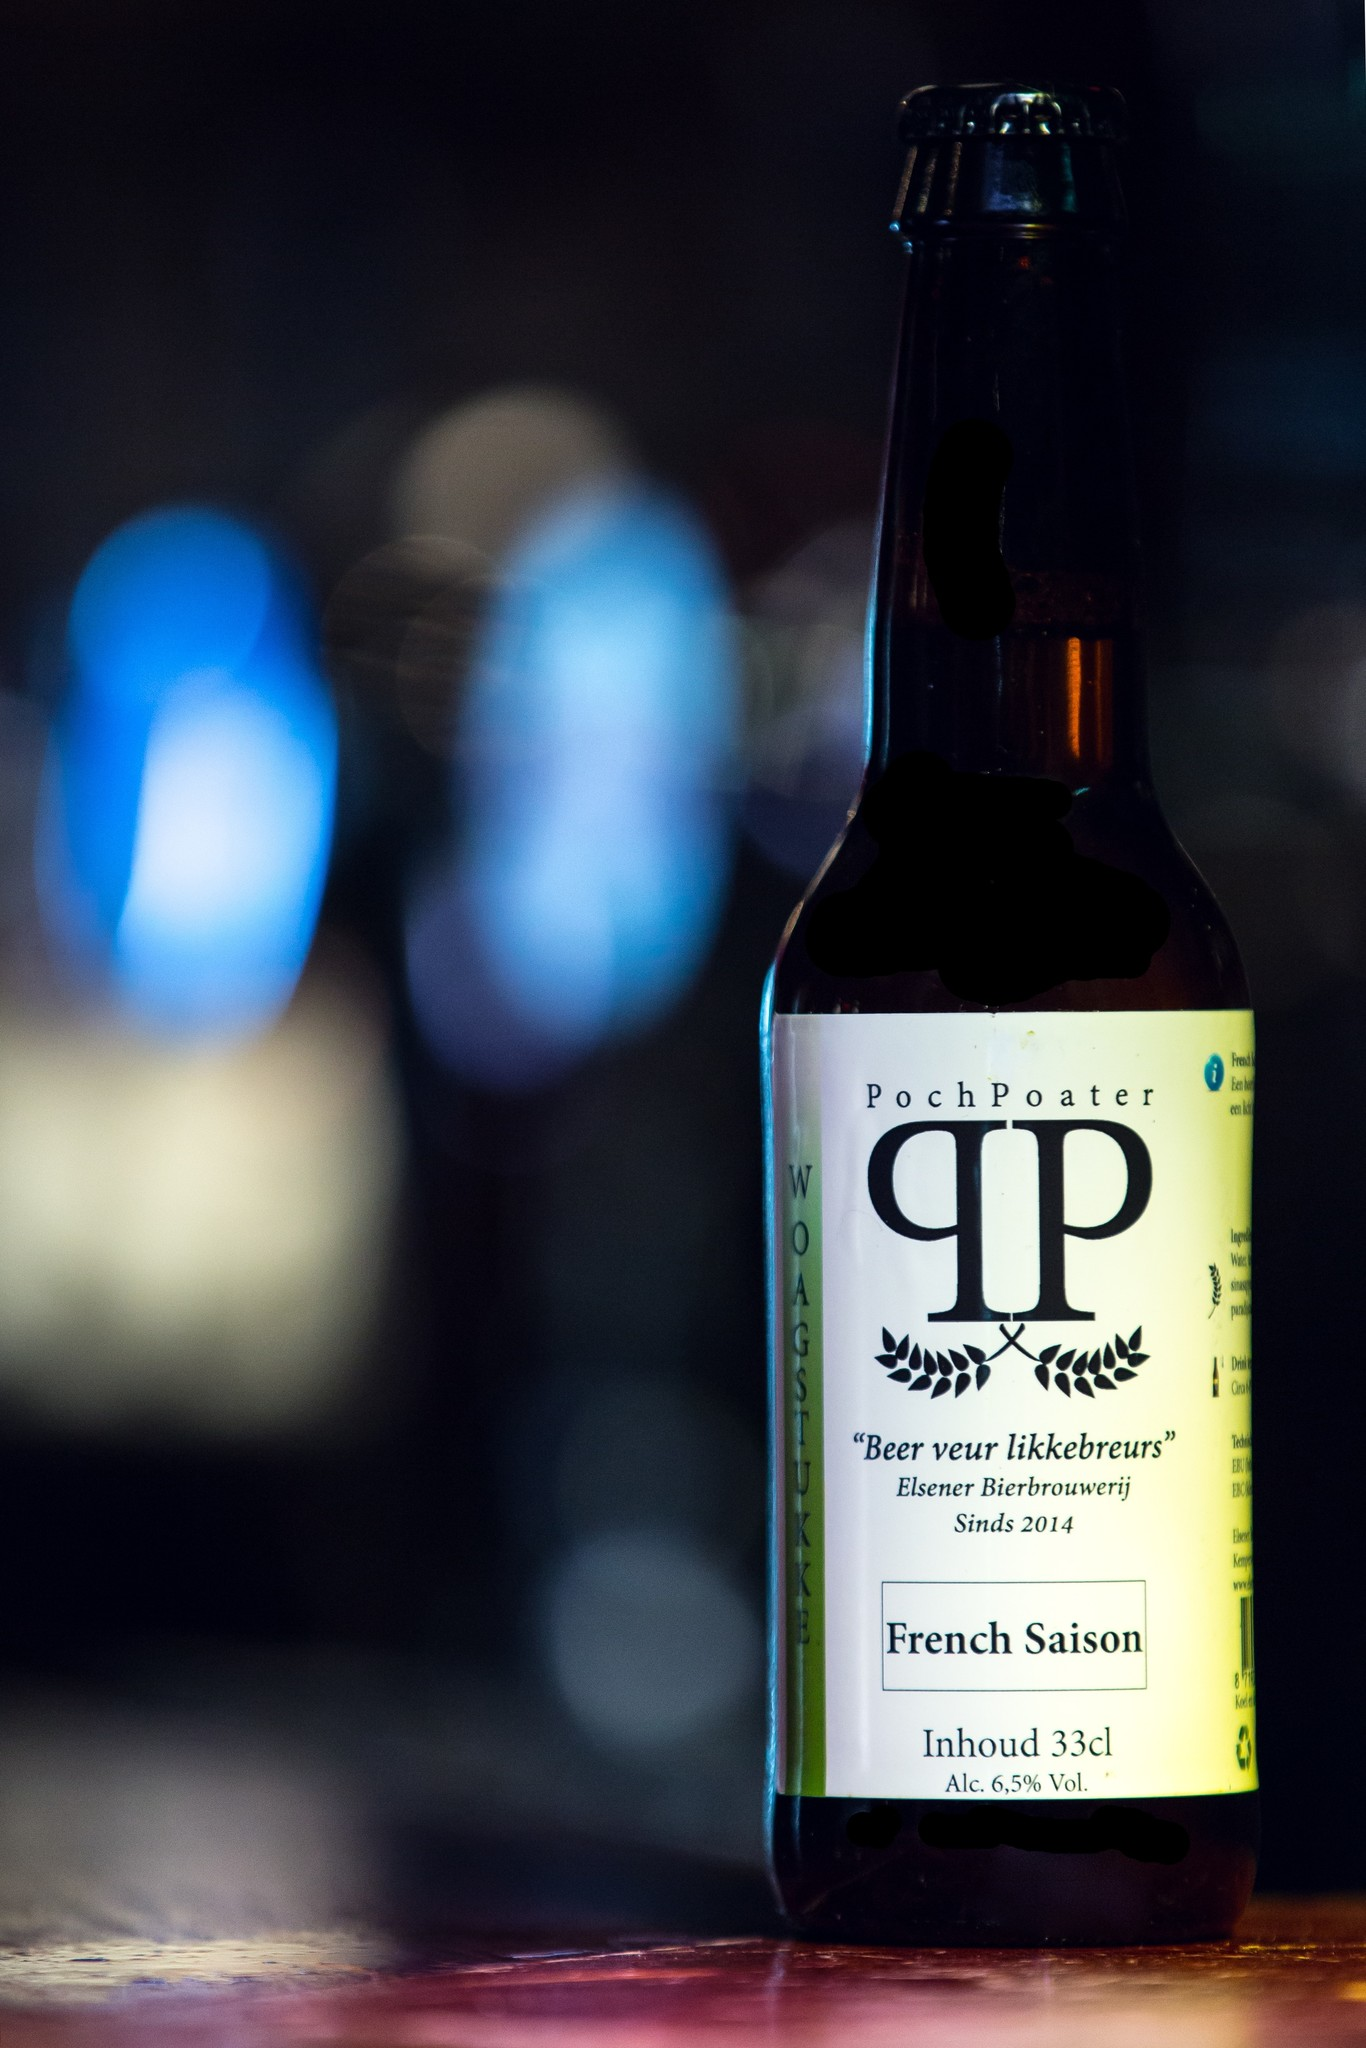 Woagstukke Herkomst: Elsen, Nederland Dit speciaalbier met een goudblonde kleur is een French Saison. Brouwerij De Elsener is ooit hobbymatig begonnen met een starterspakket voor brouwers maar in 2014 overgestapt naar een brouwerij met professionele installaties. De jeneverbes, para-dijszaad en sinaasappelschil zorgen voor een kruidige smaak. Het bier bevat een alco-holpercentage van: 6,5%. Advies serveertemperatuur 7 à 8 graden.